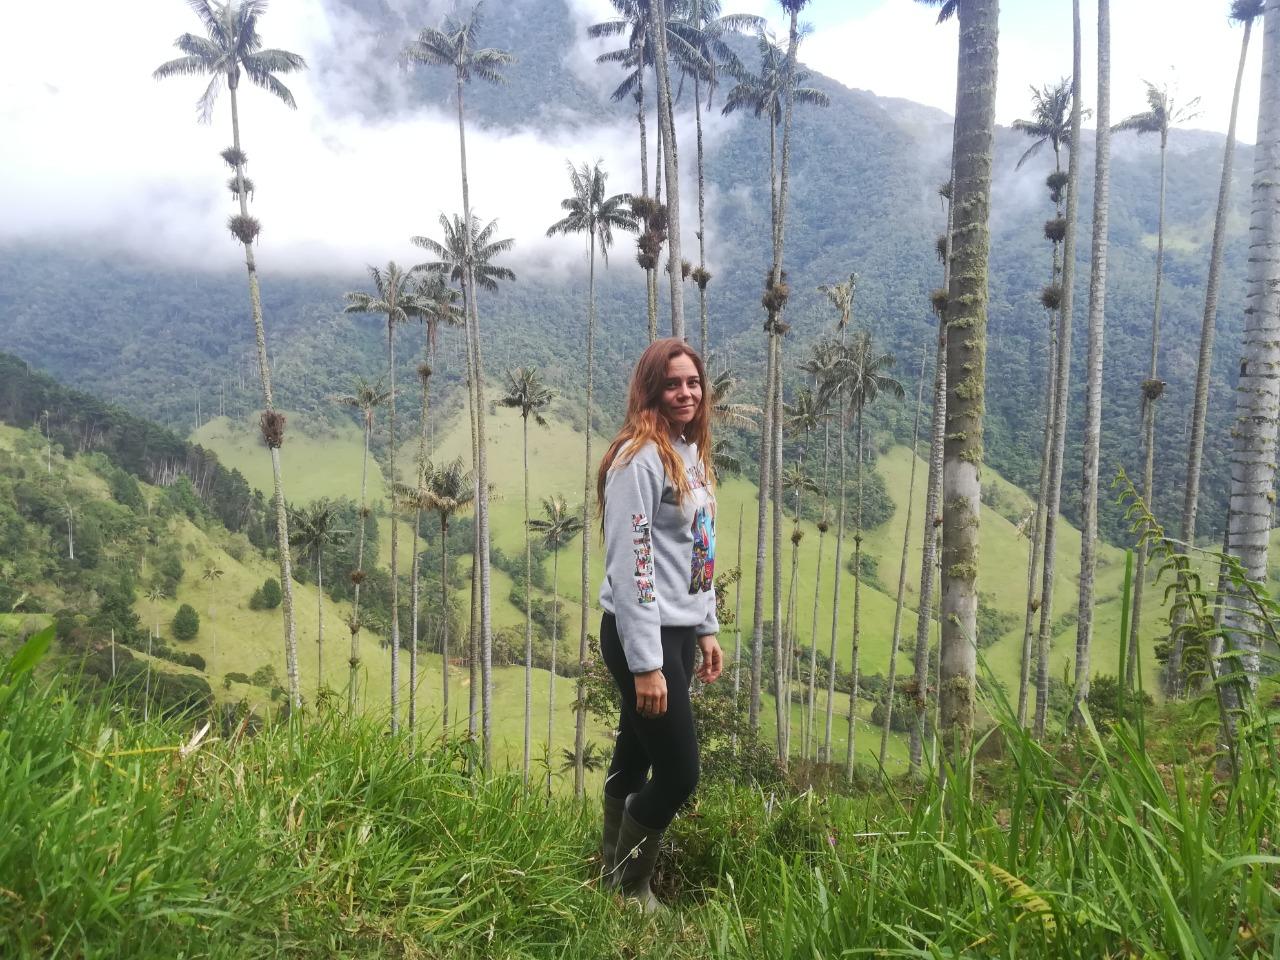 A la découverte de la Valle de Cocora - Colombie